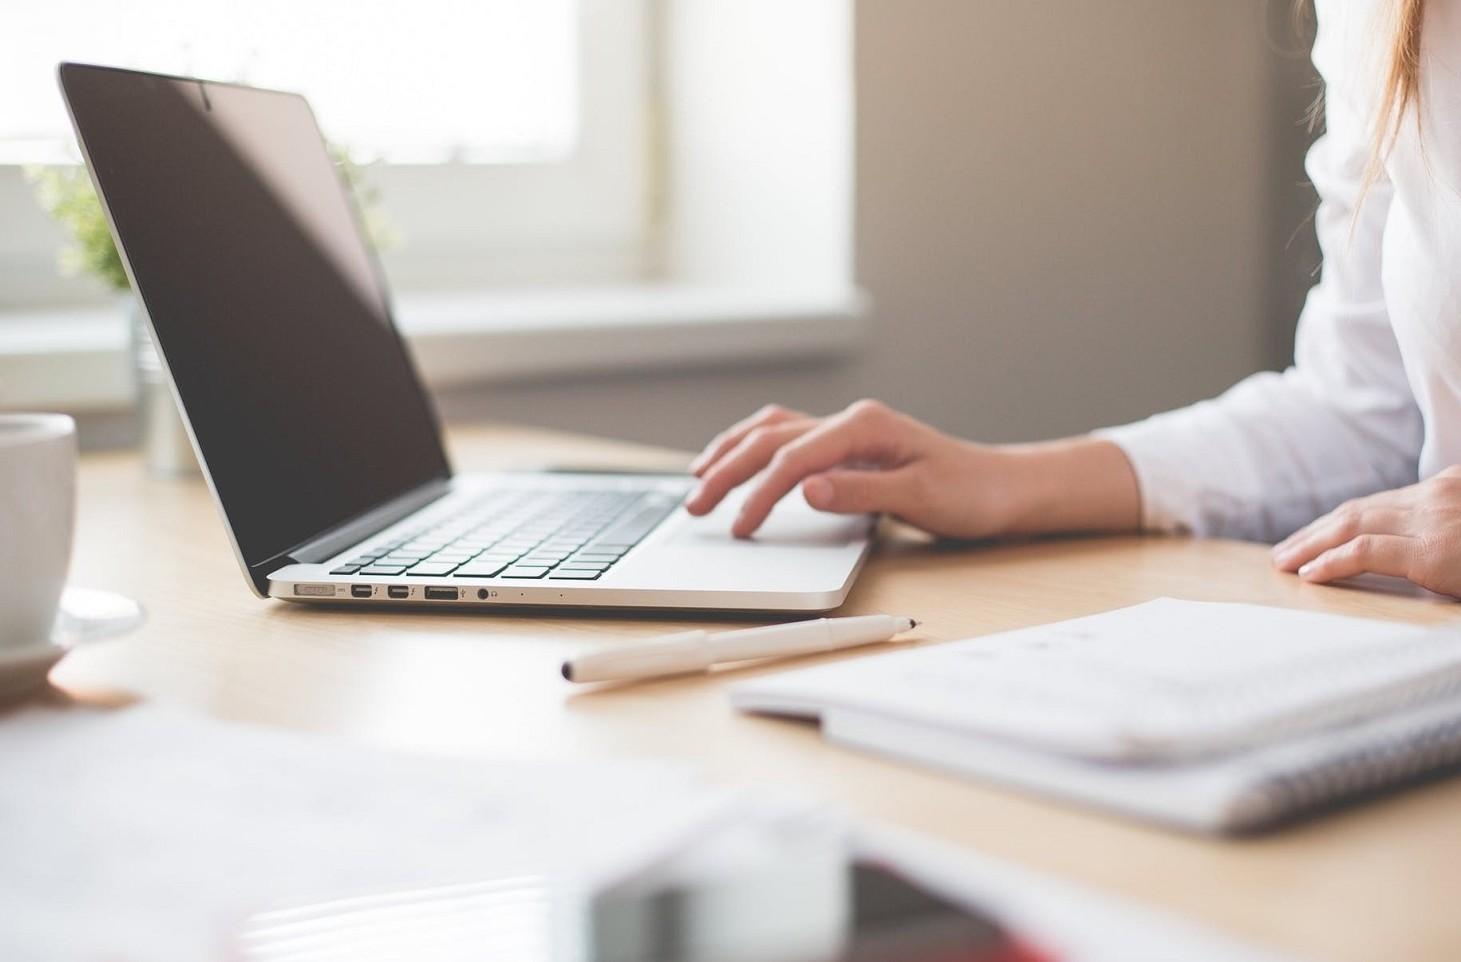 Dimissioni online 2020 volontarie come fare. Tutta la procedura, regole aggiornate